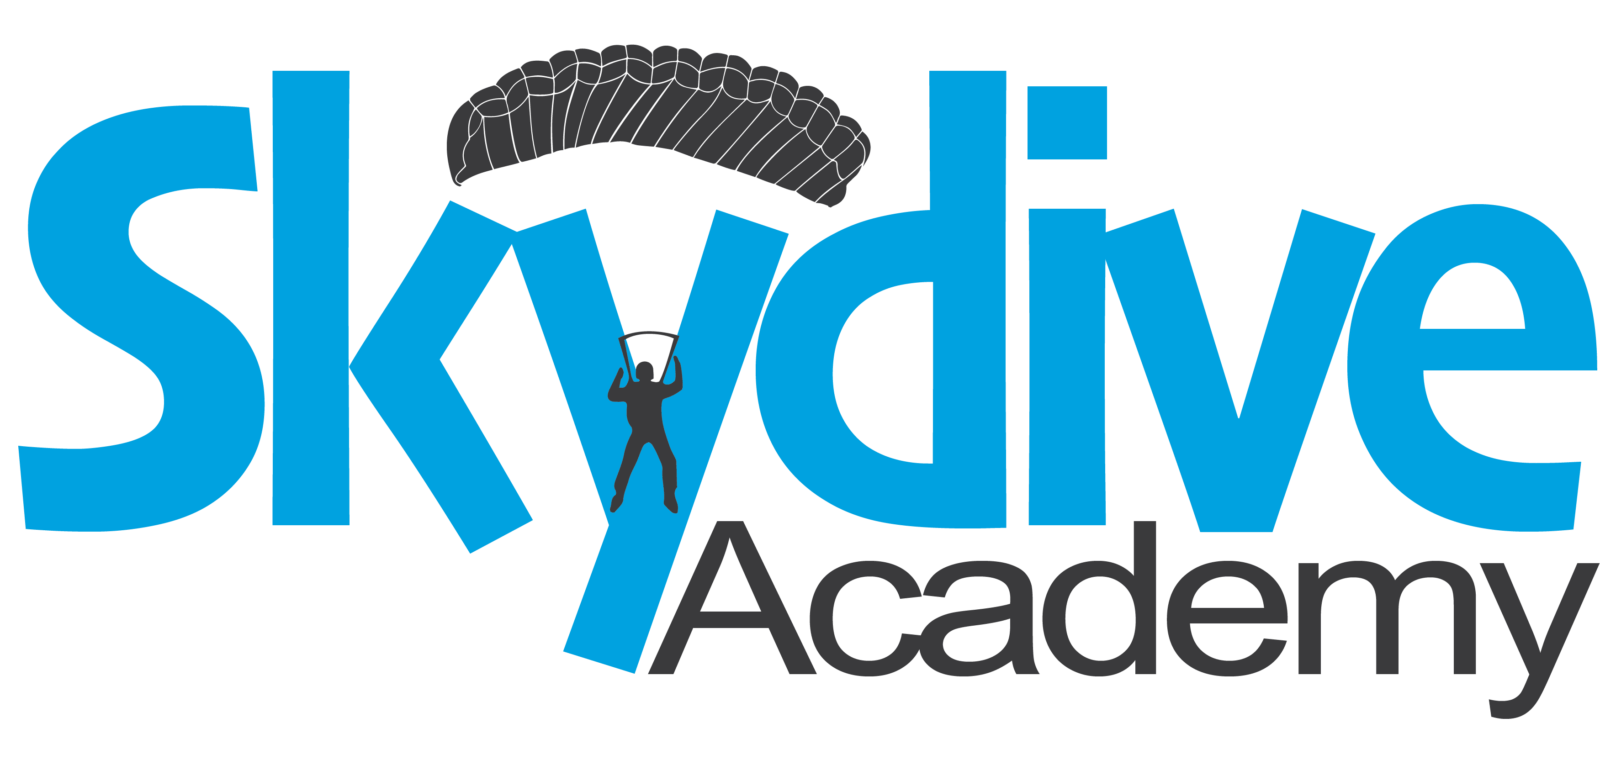 Прыжок с парашютом в Чернигове - Skydive Academy